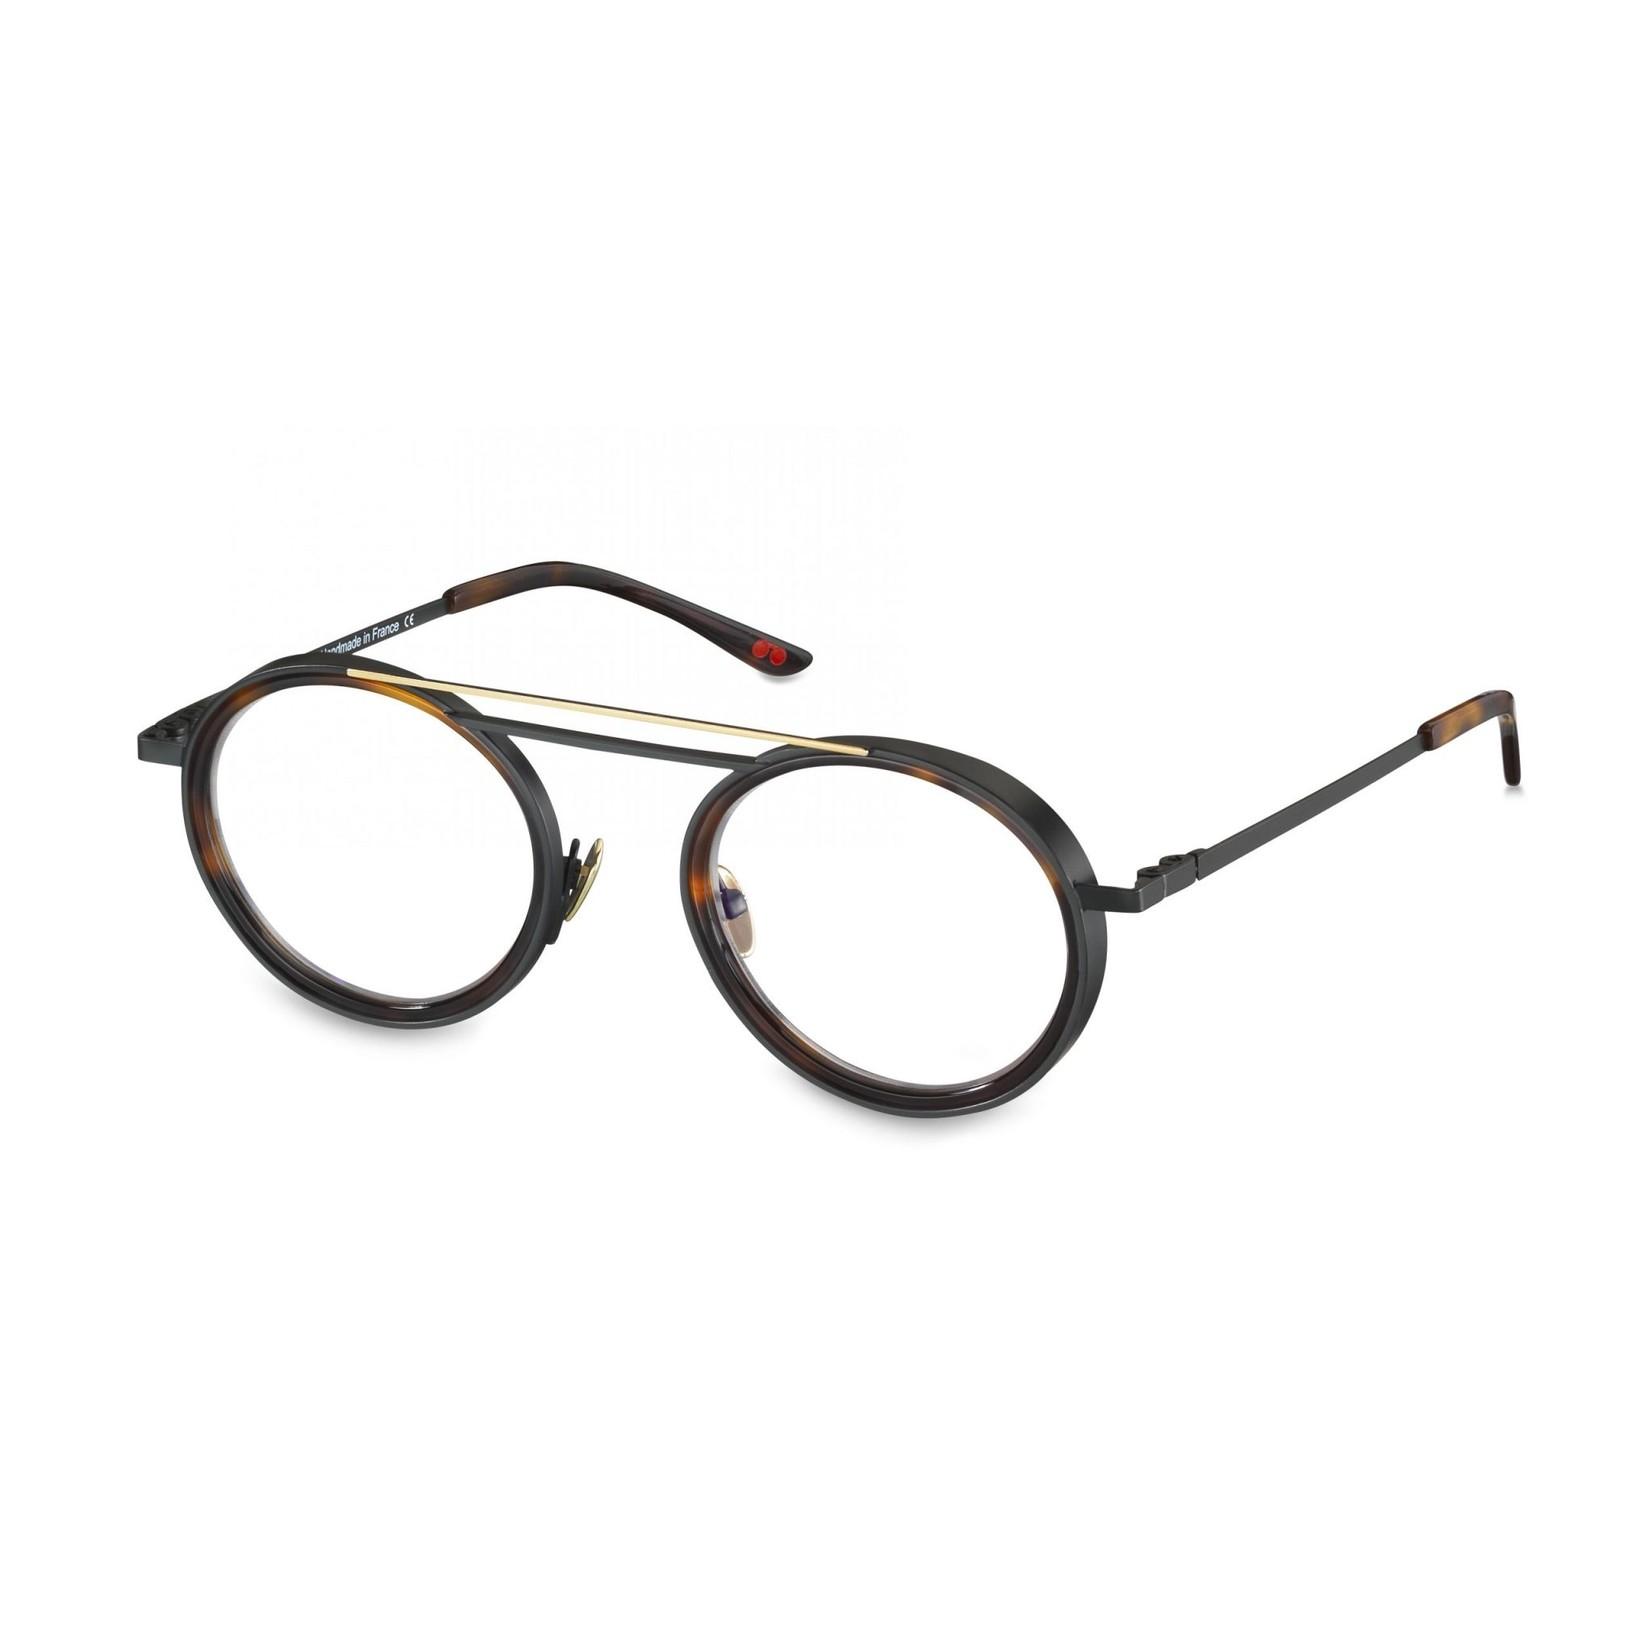 La Petite Lunette Eyewear LPLR Dacler